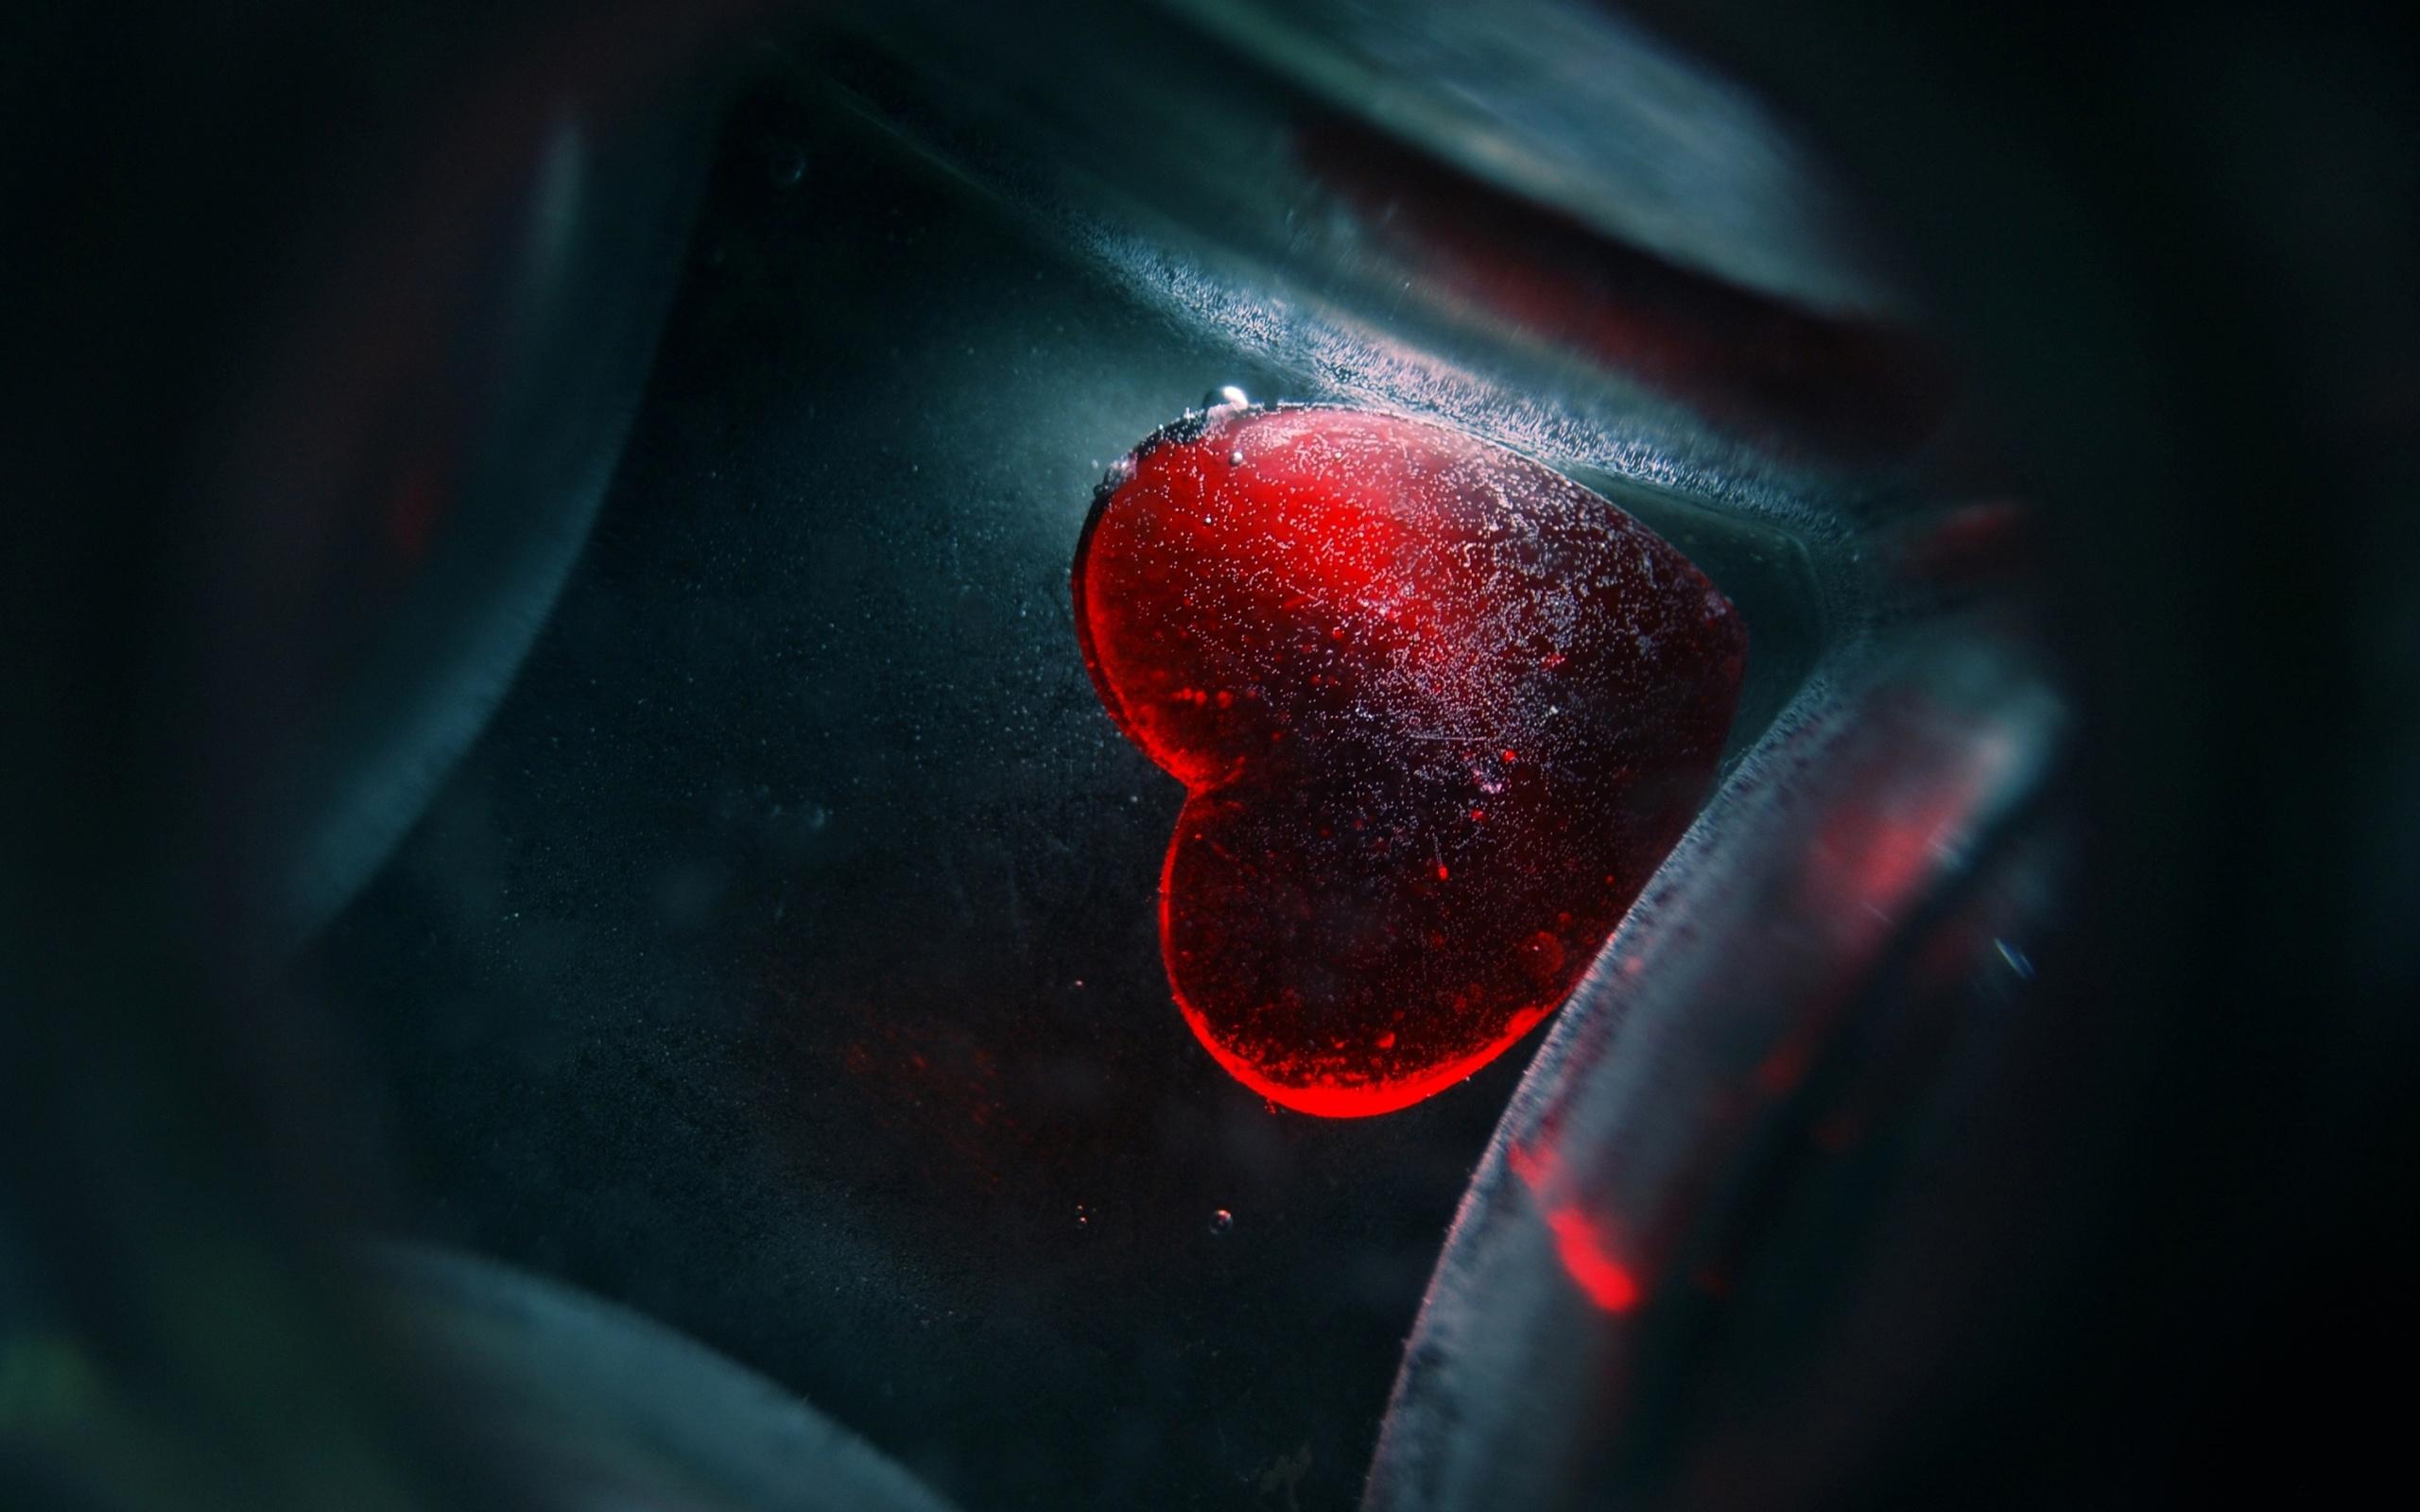 صور التهنئة بالفلانتين والحب (3)